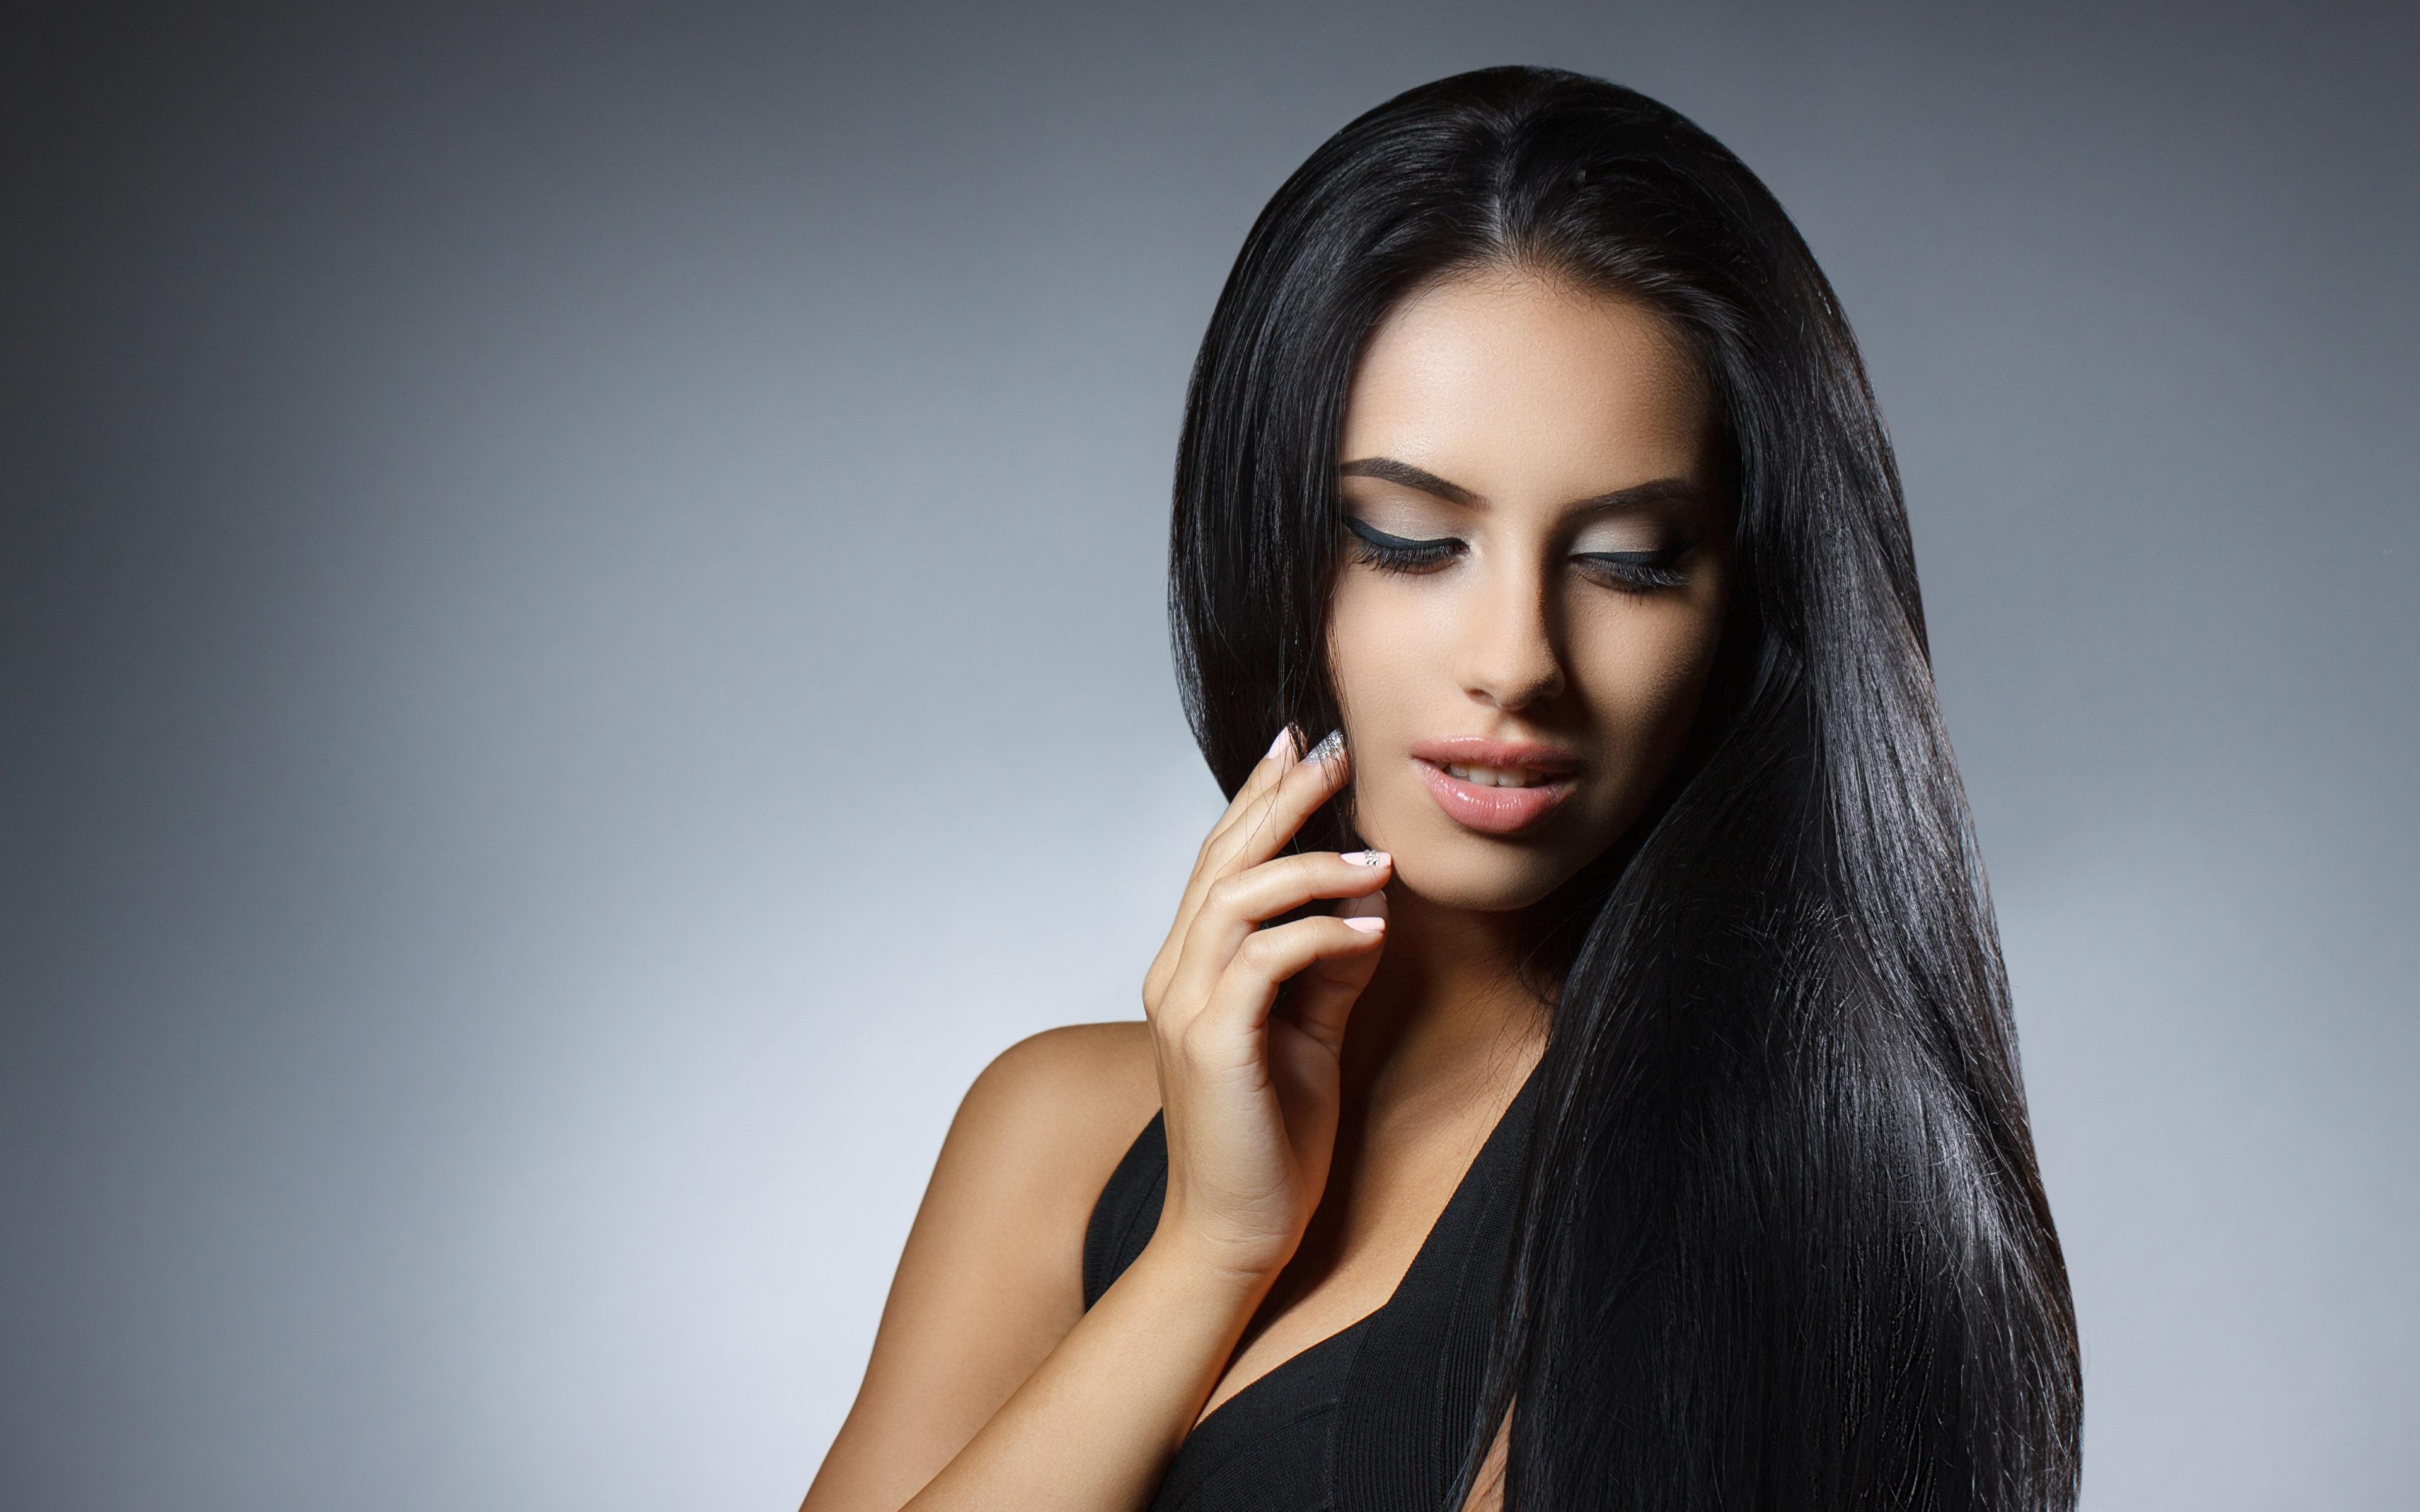 Desktop Hintergrundbilder Brünette Model Schminke hübscher Haar Mädchens 3840x2400 Make Up Schön schöne hübsch hübsche schöner schönes junge frau junge Frauen